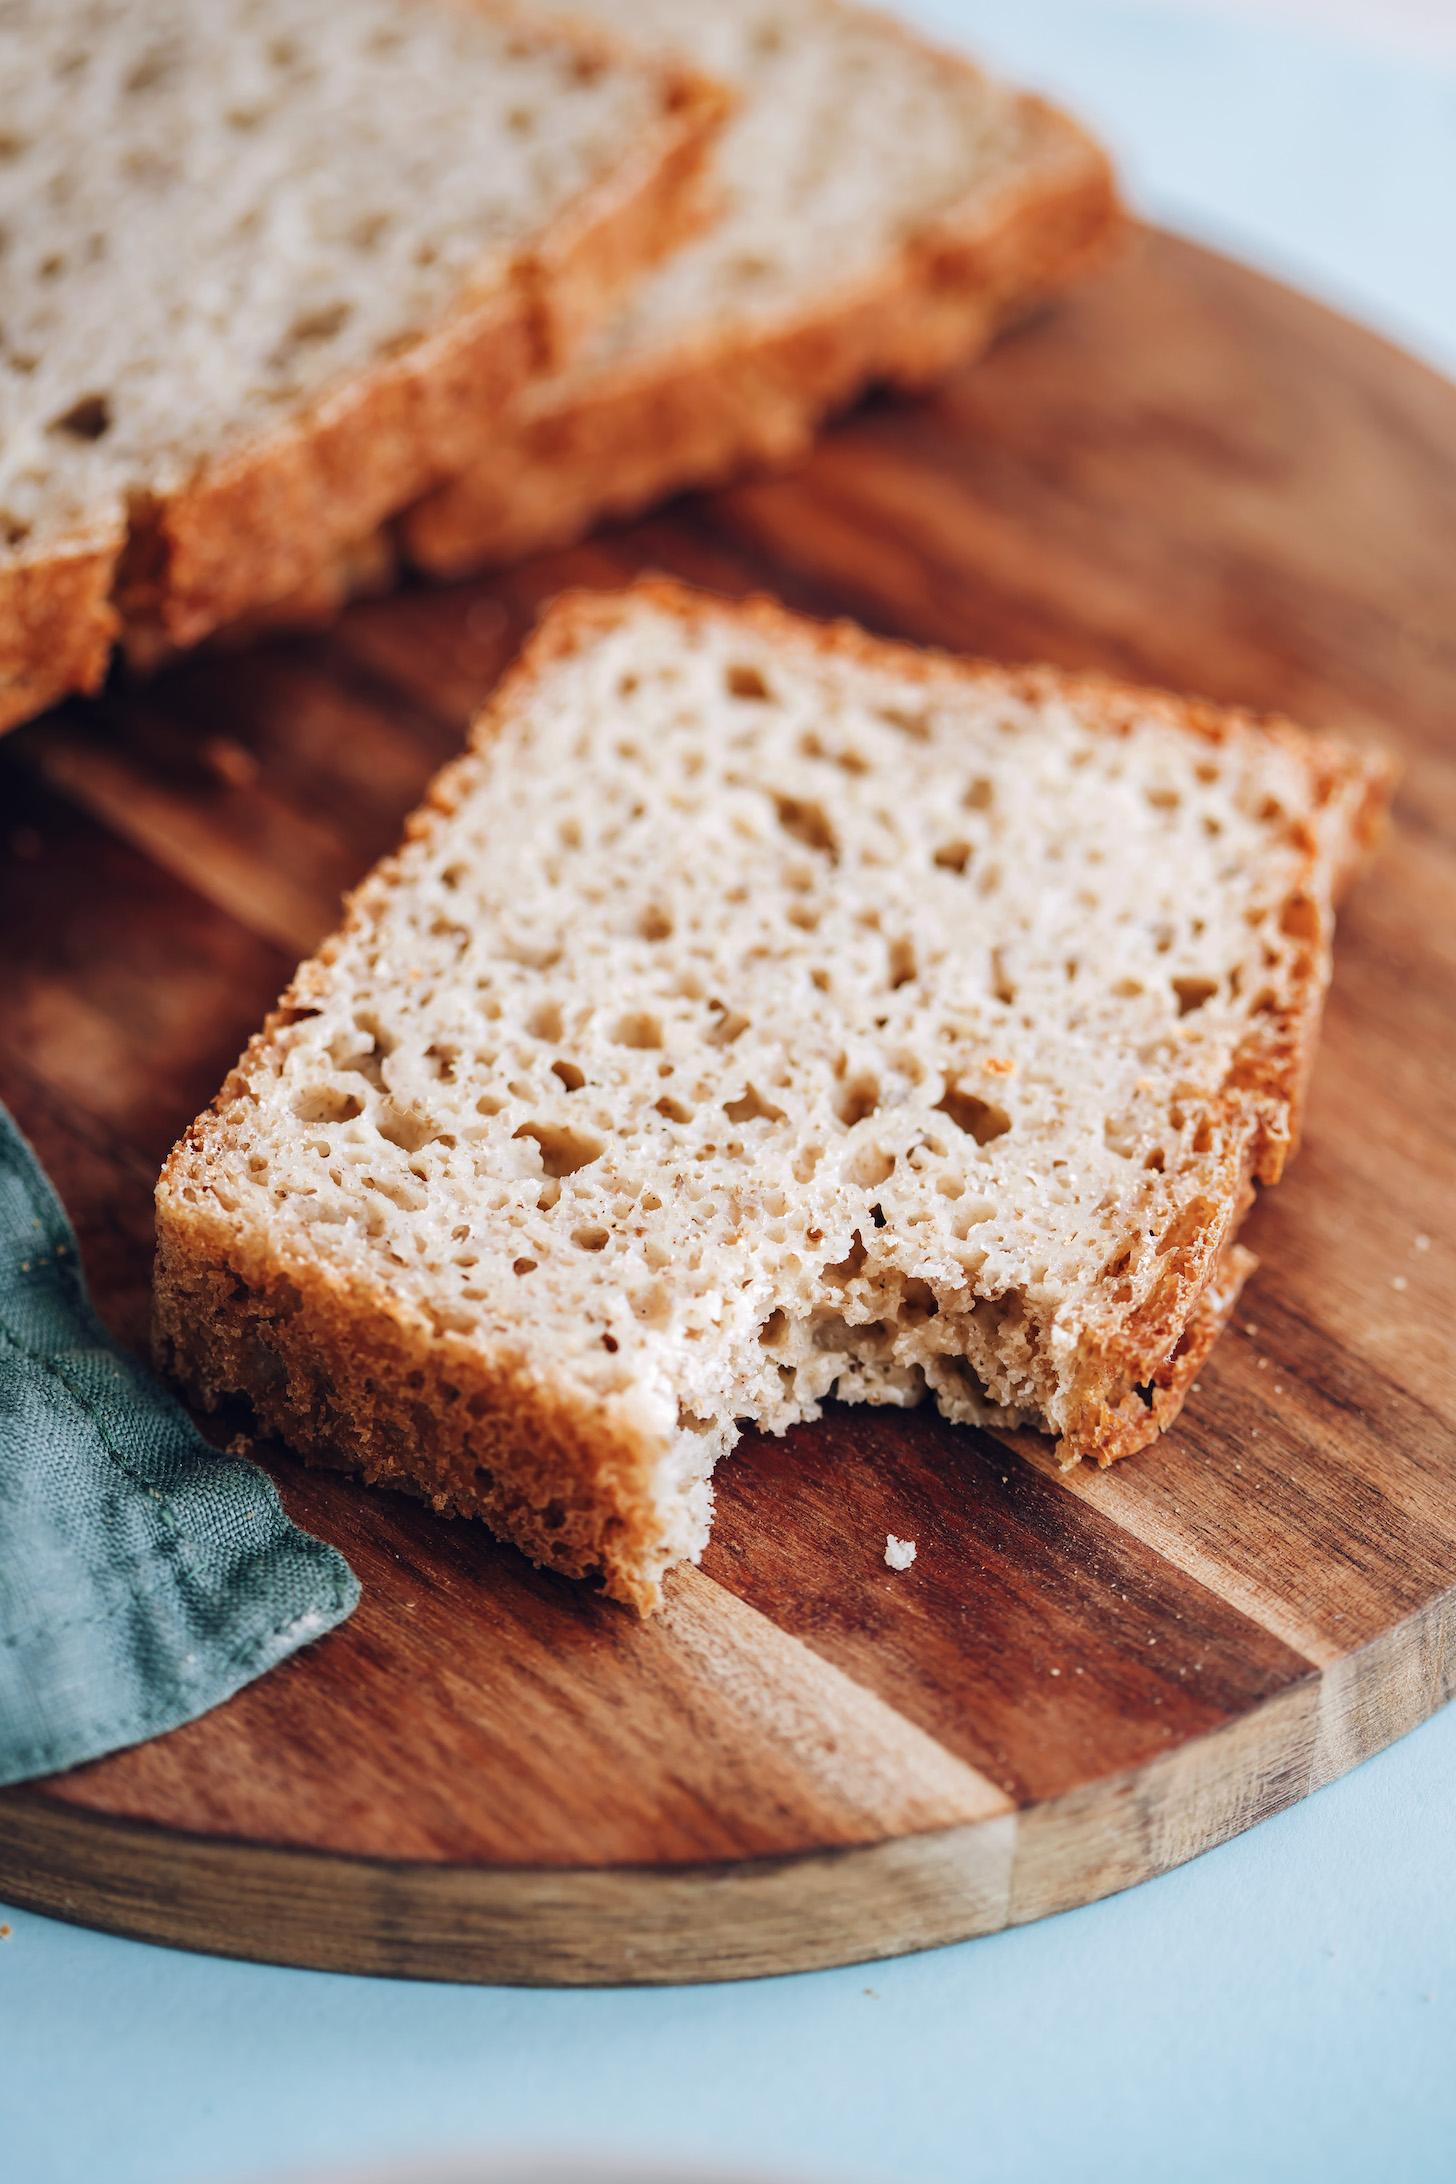 Bir dilim glutensiz sandviç ekmeğinden yenen ısırık